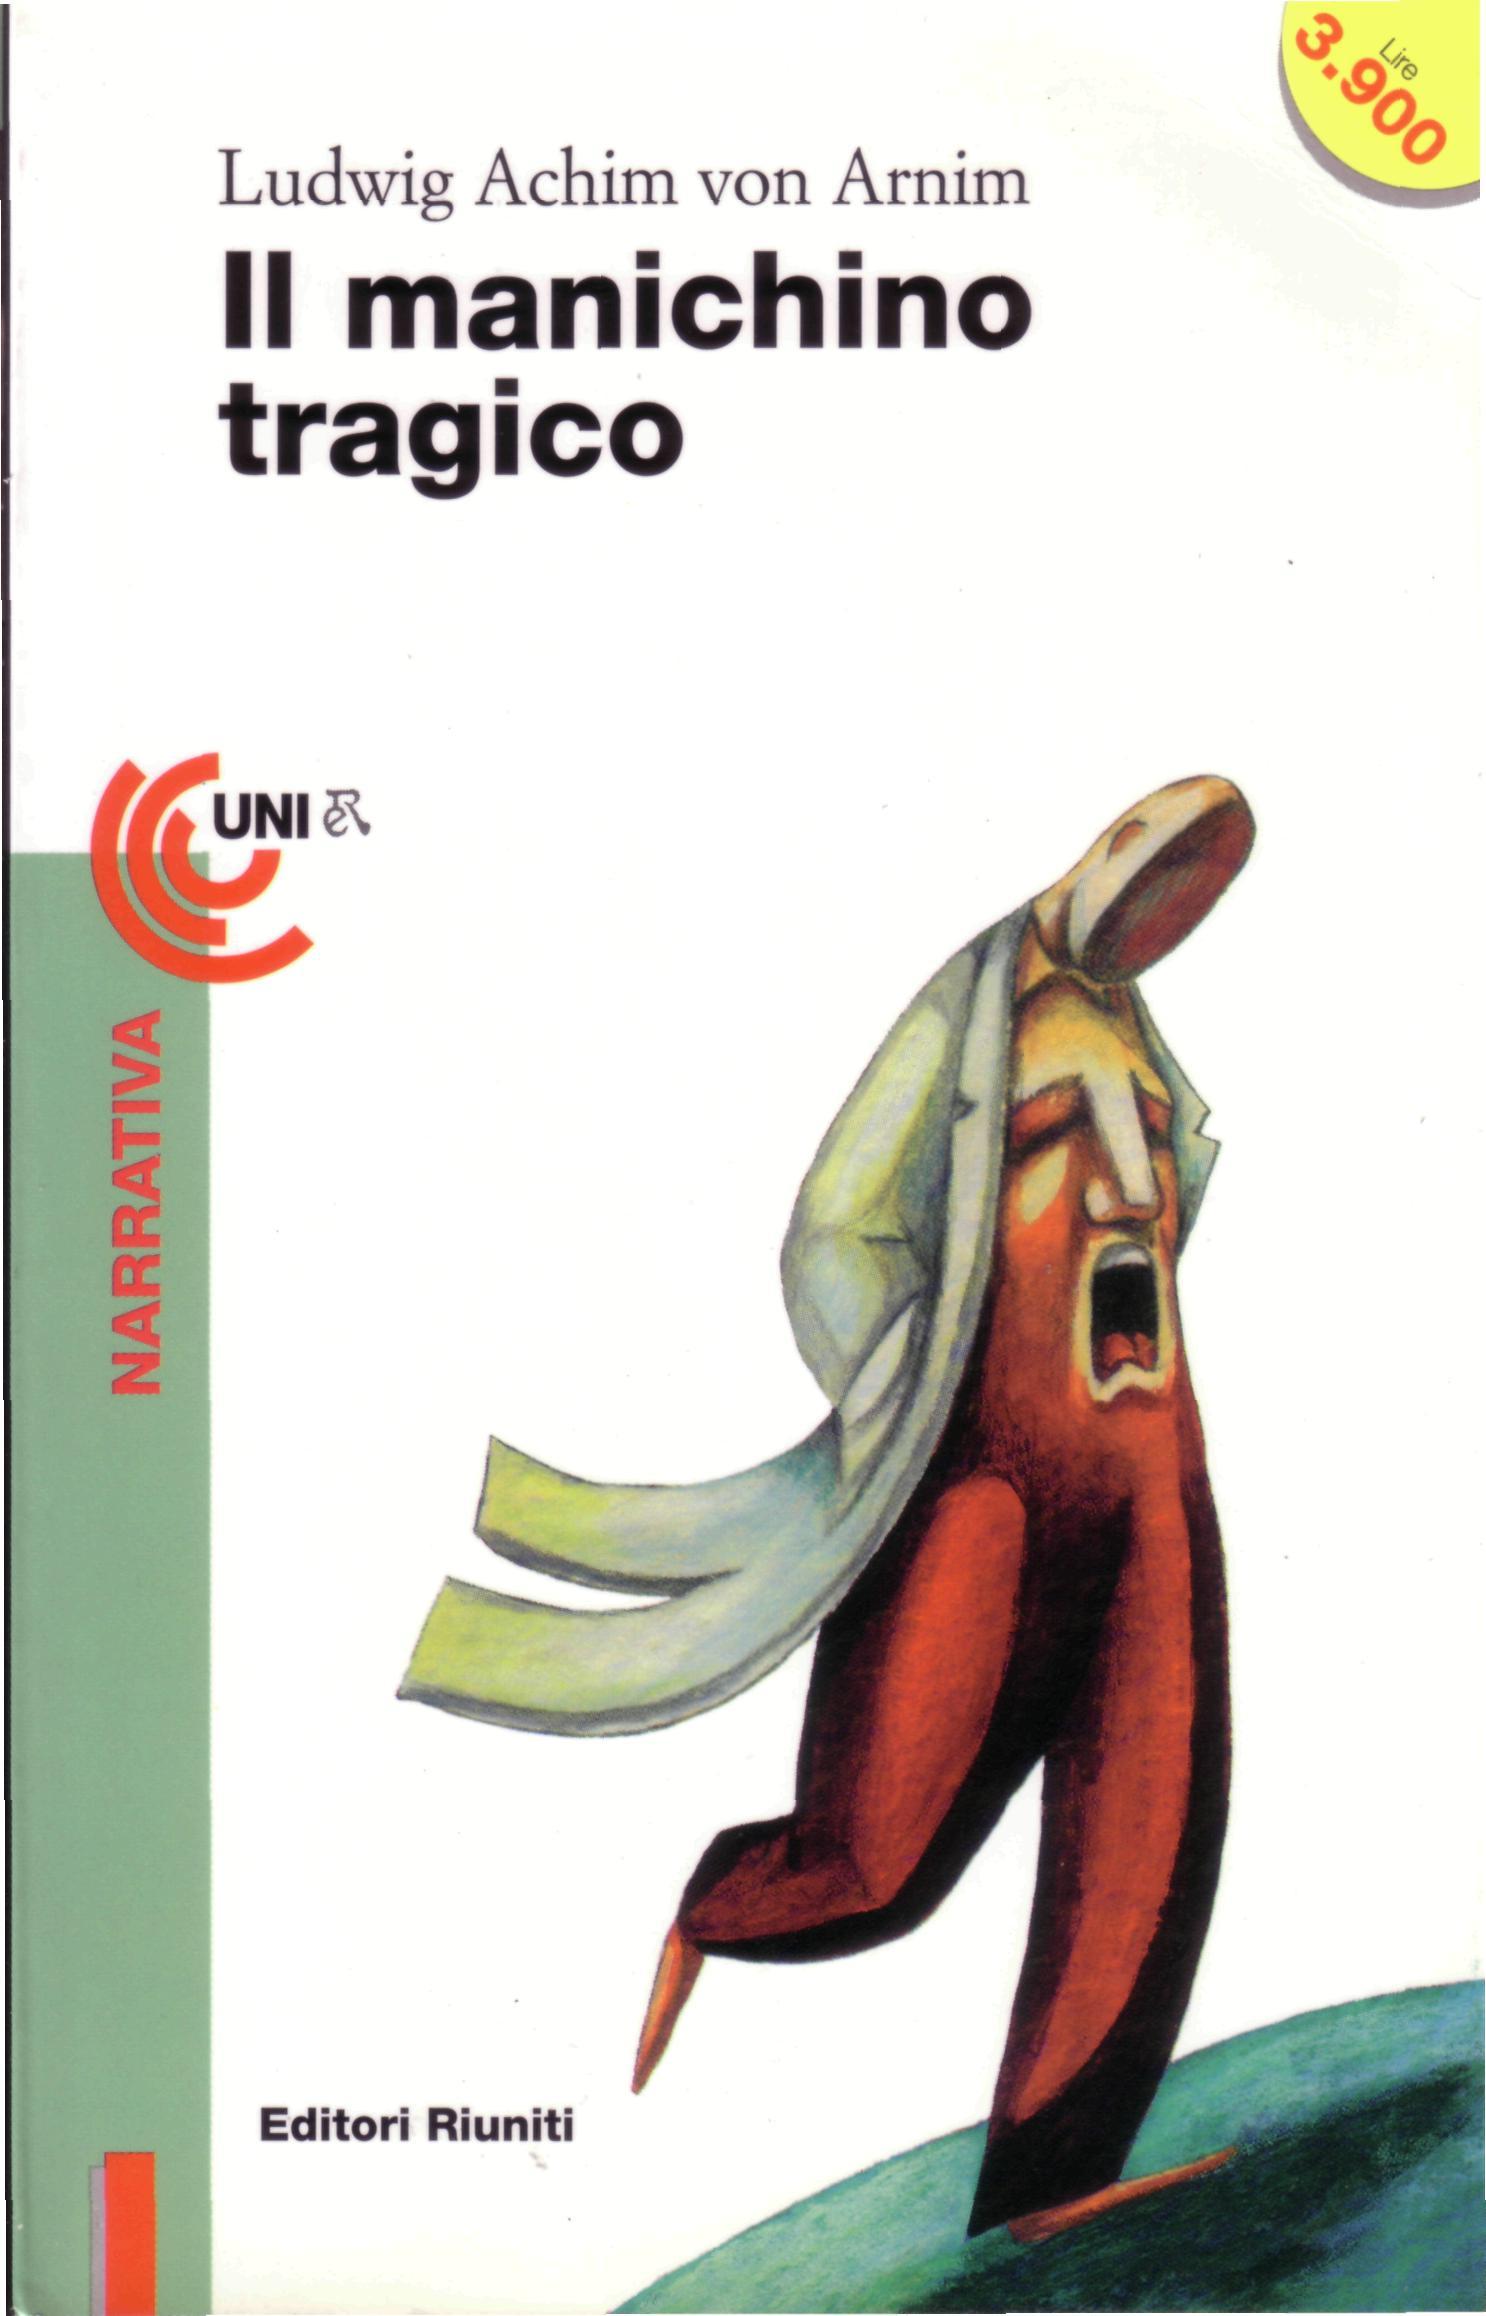 Il manichino tragico